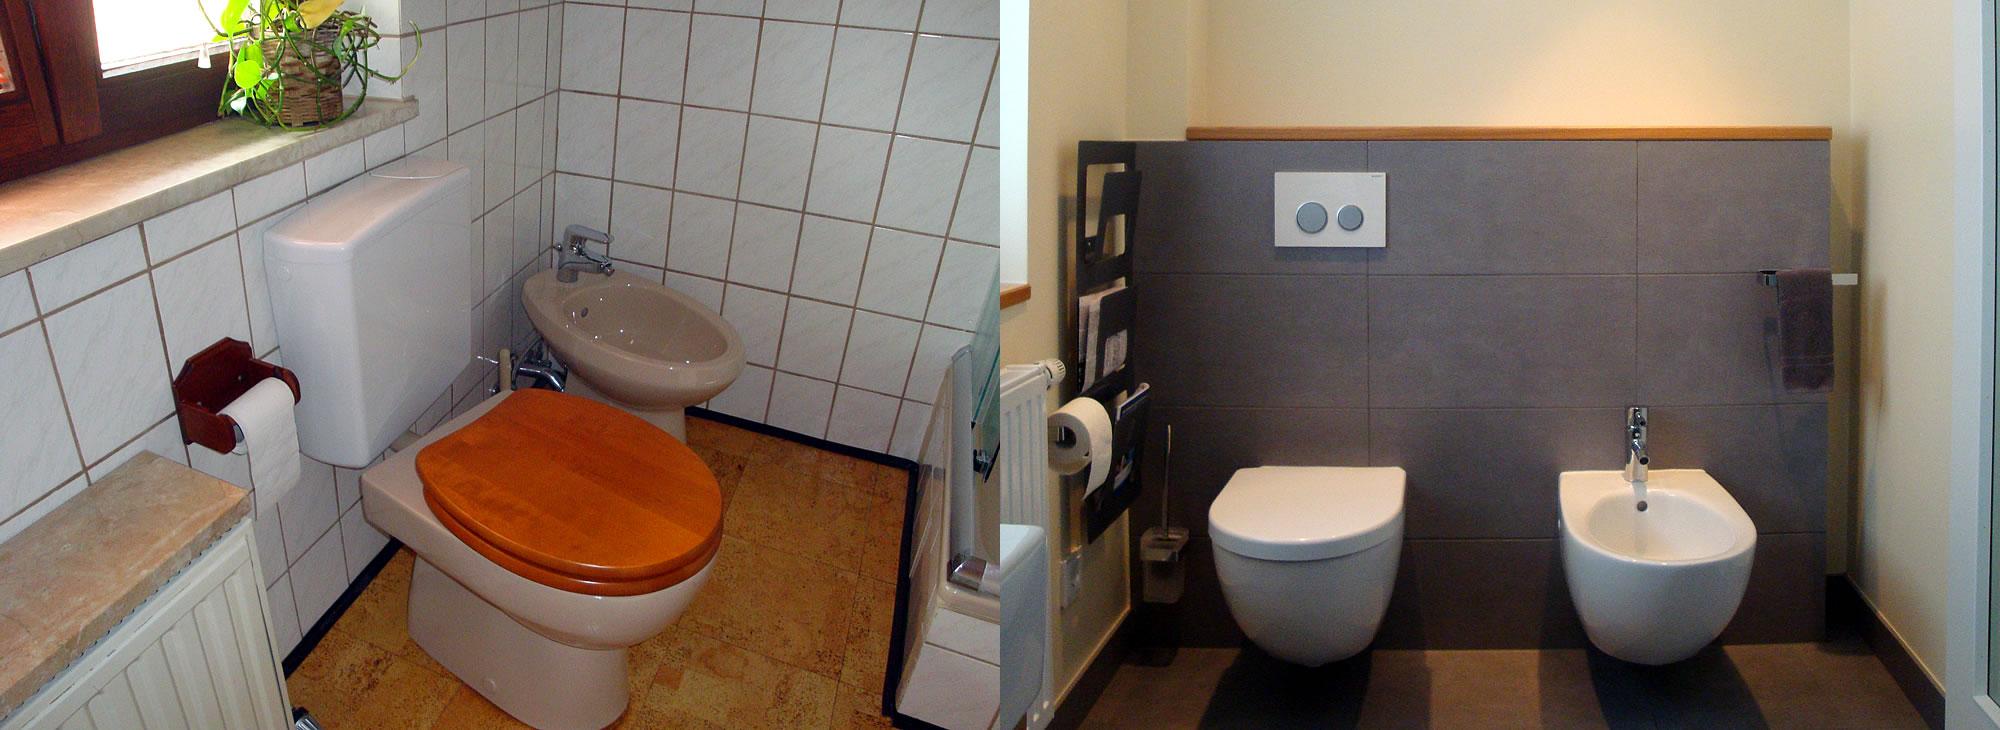 Bad Sanierung und Renovierung München - Bausystems GmbH